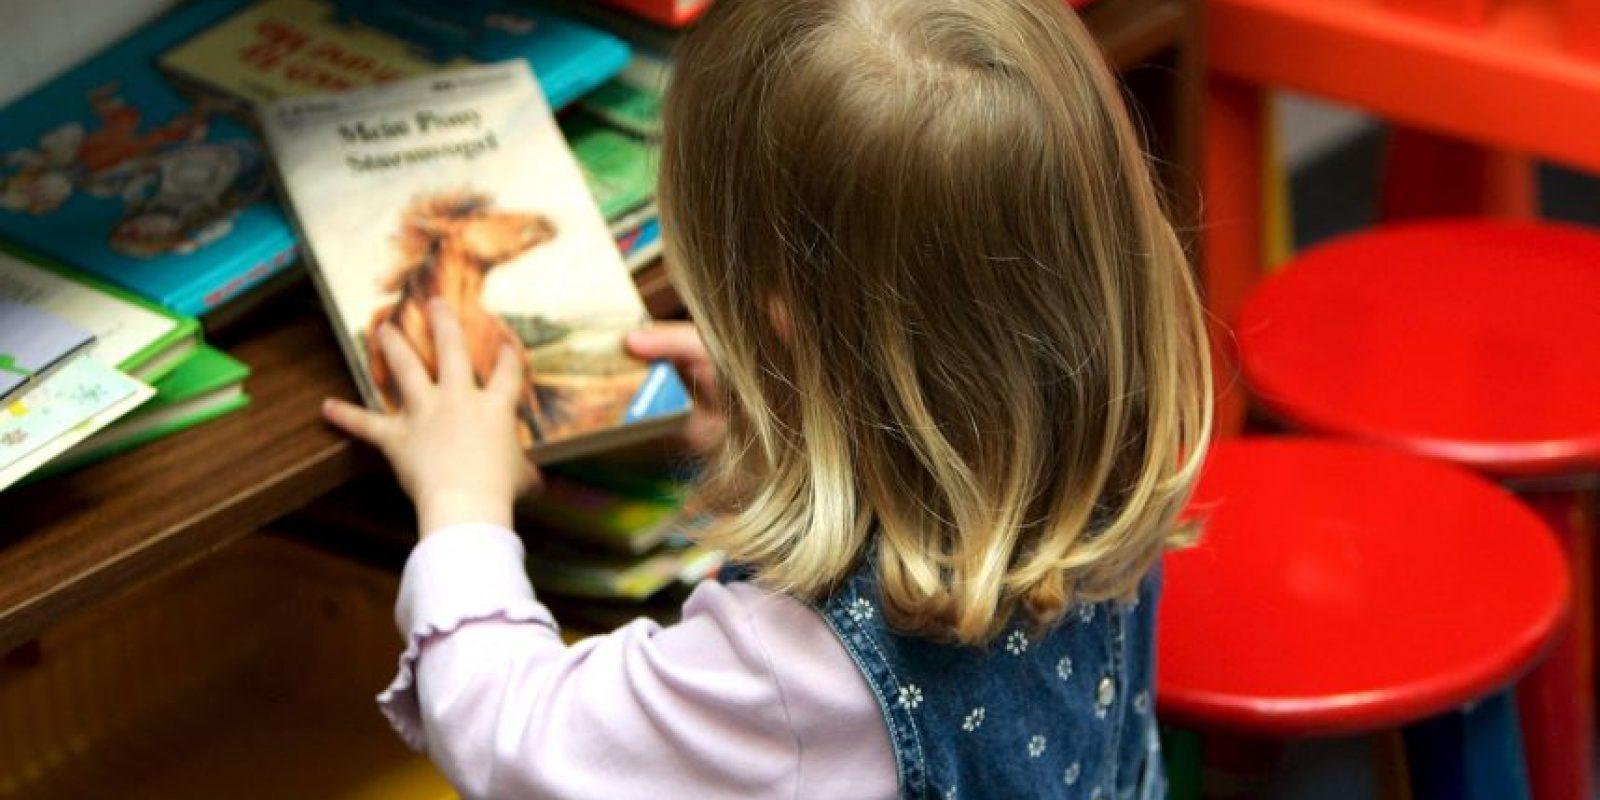 Esto con ayuda de libros, sin embargo ninguno tenía personajes transgéneros. Foto:Getty Images